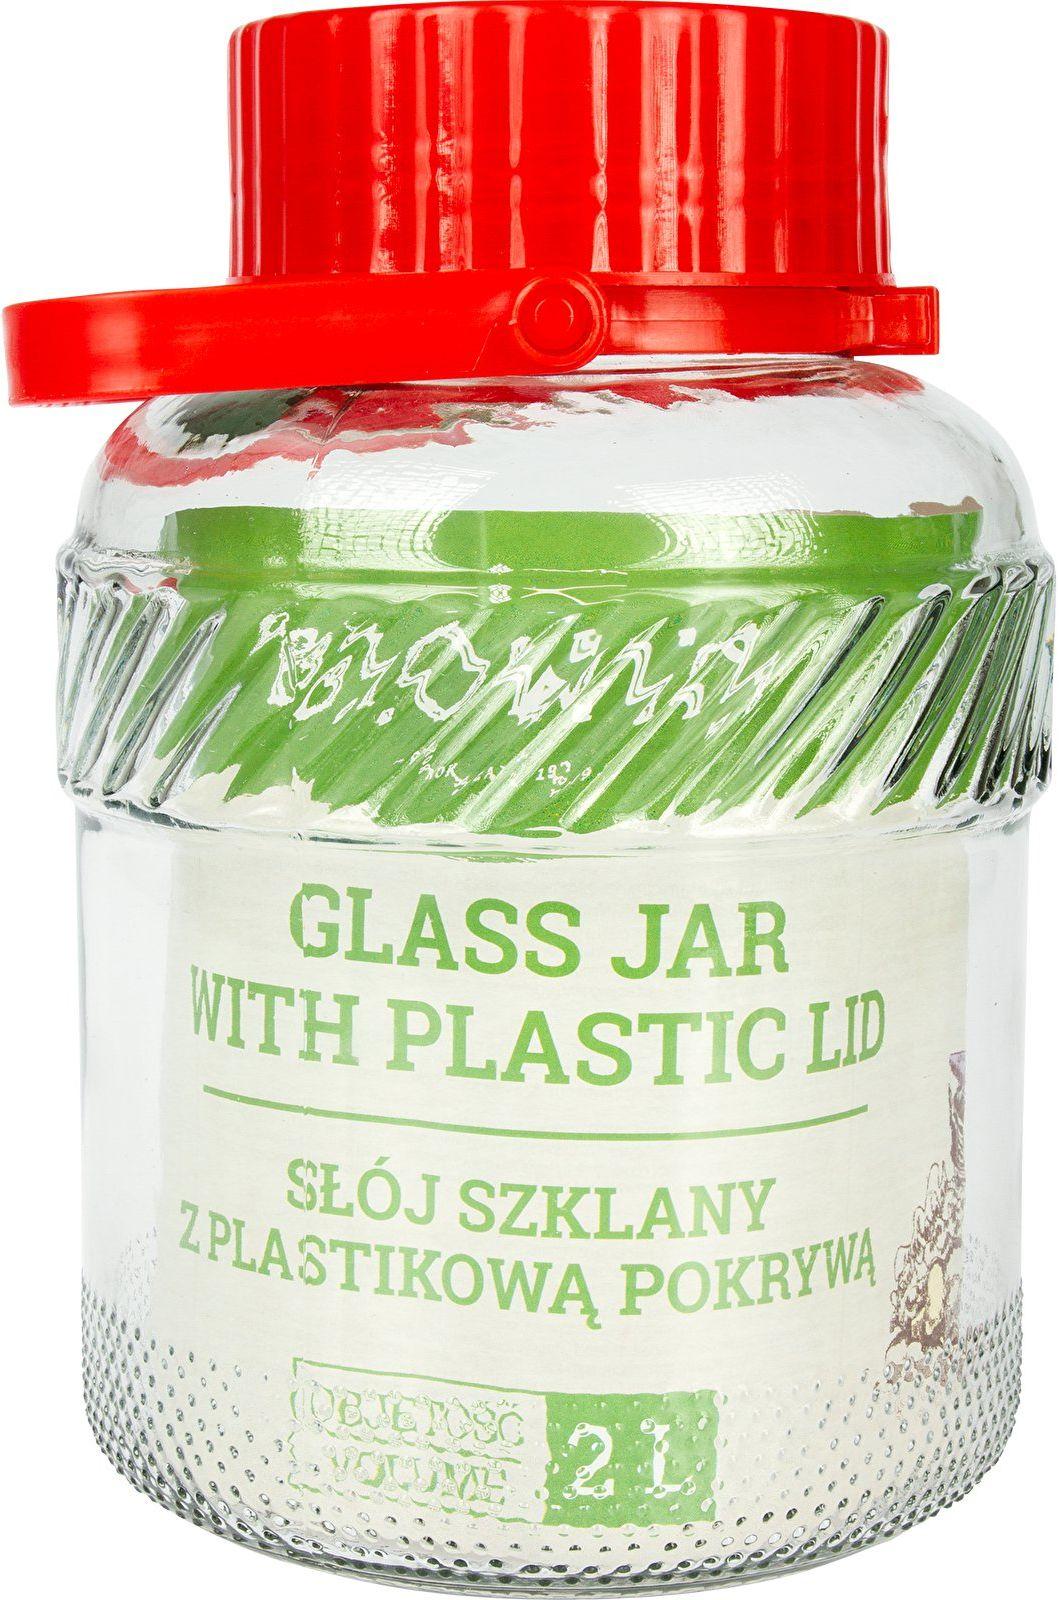 Słoik 2 L z plastikową pokrywą